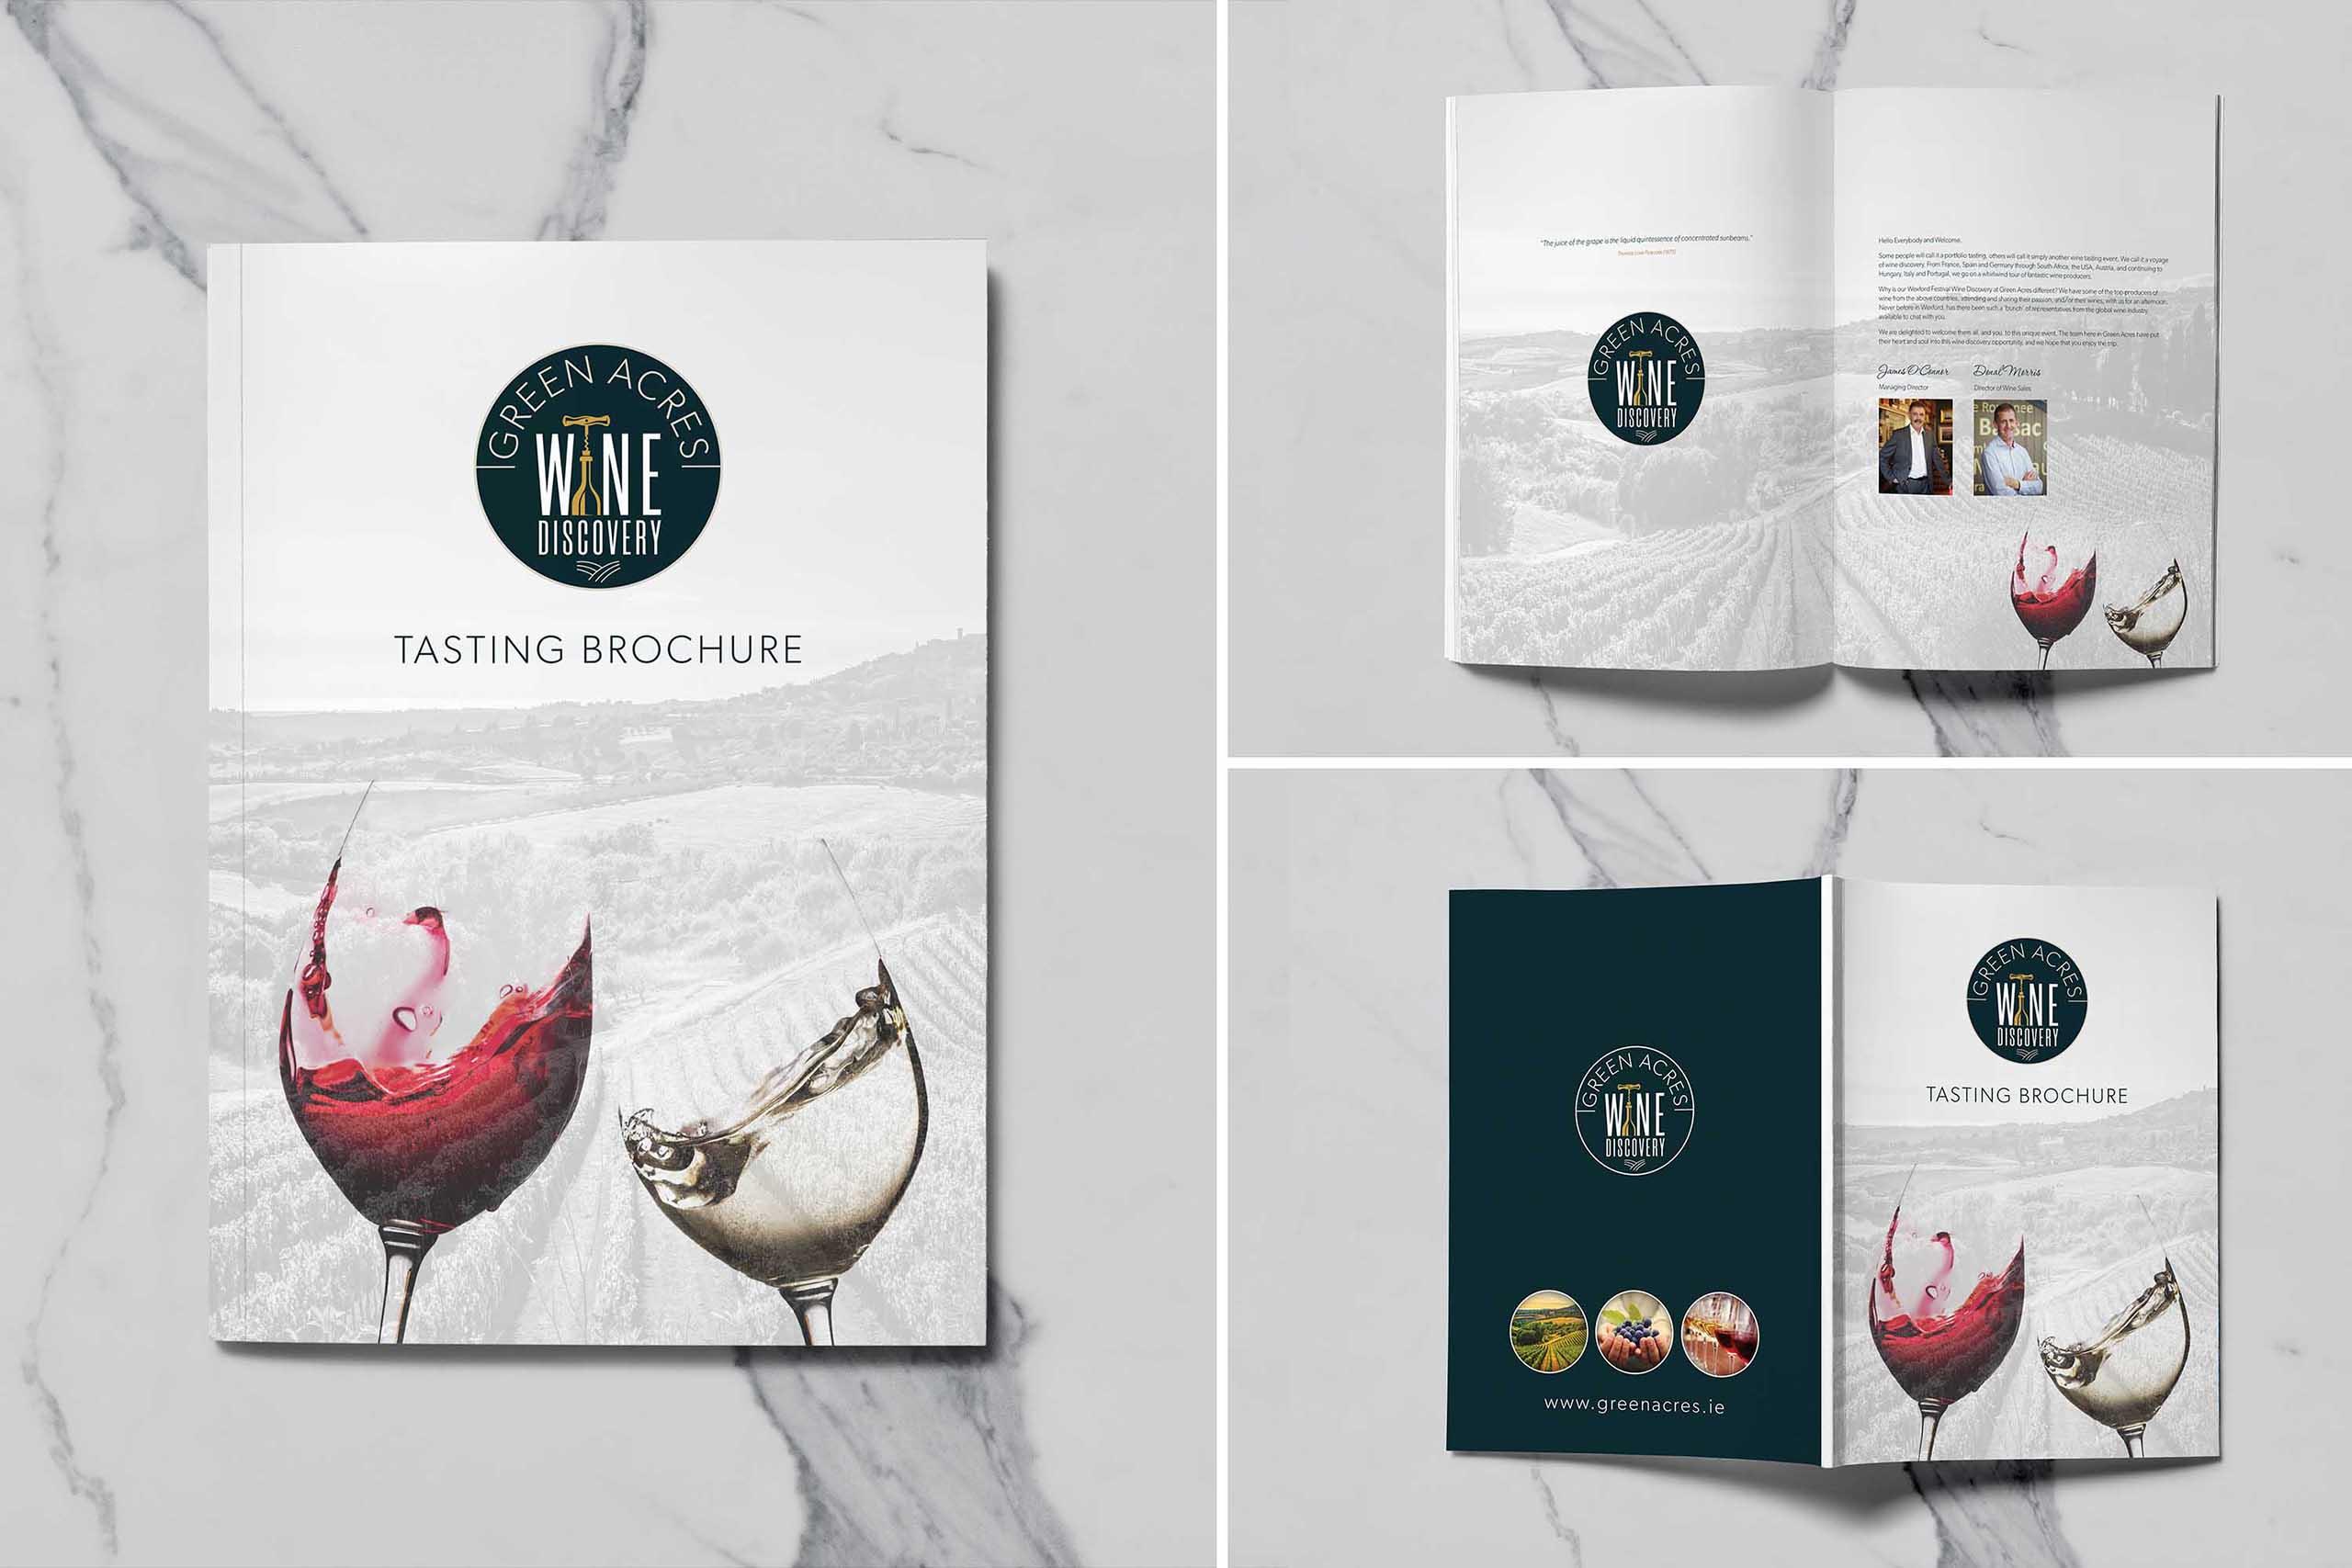 Green Acres Wine Tasting Brochure 01